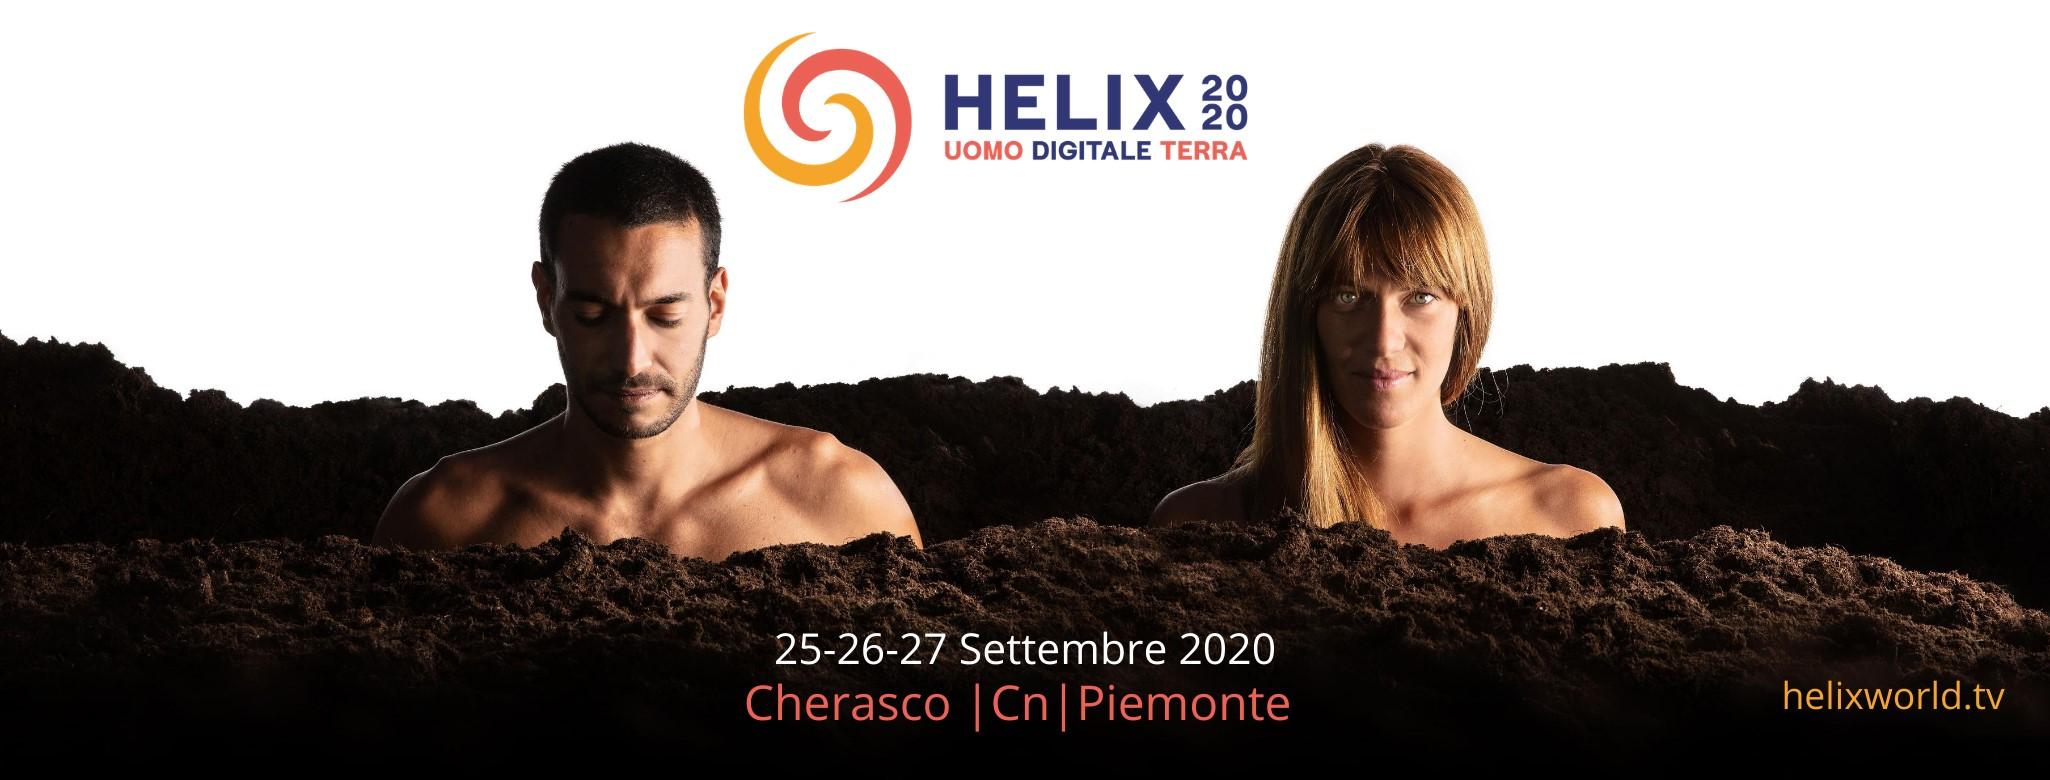 """2020 წლის,25-29 სექტემბერს,იმართება """"ლოკოკინის საერთაშორისო ფესტივალი HELIX 2020"""""""